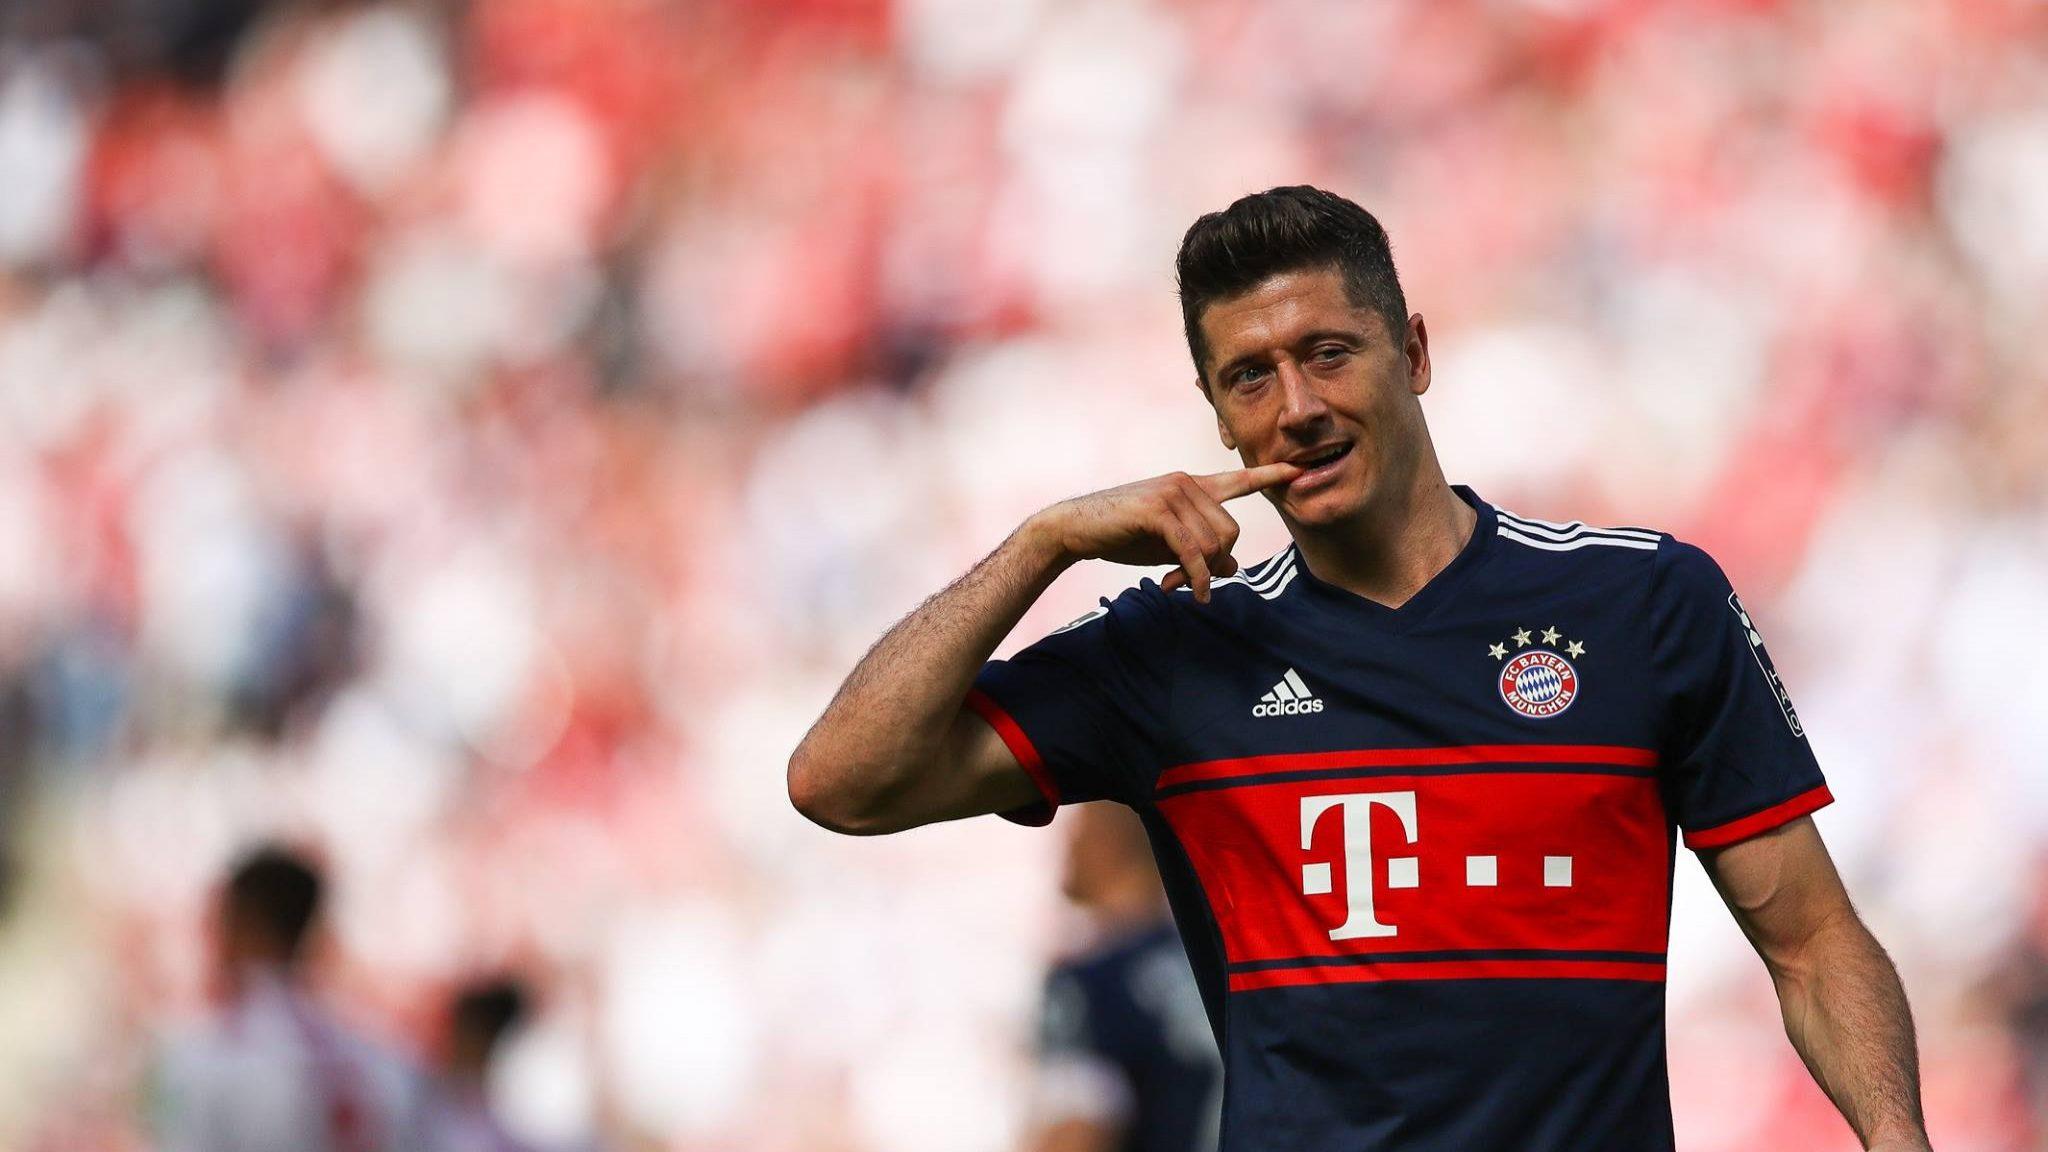 Eleven Sports compra direitos da Bundesliga. Já tem cinco Ligas europeias e a Champions